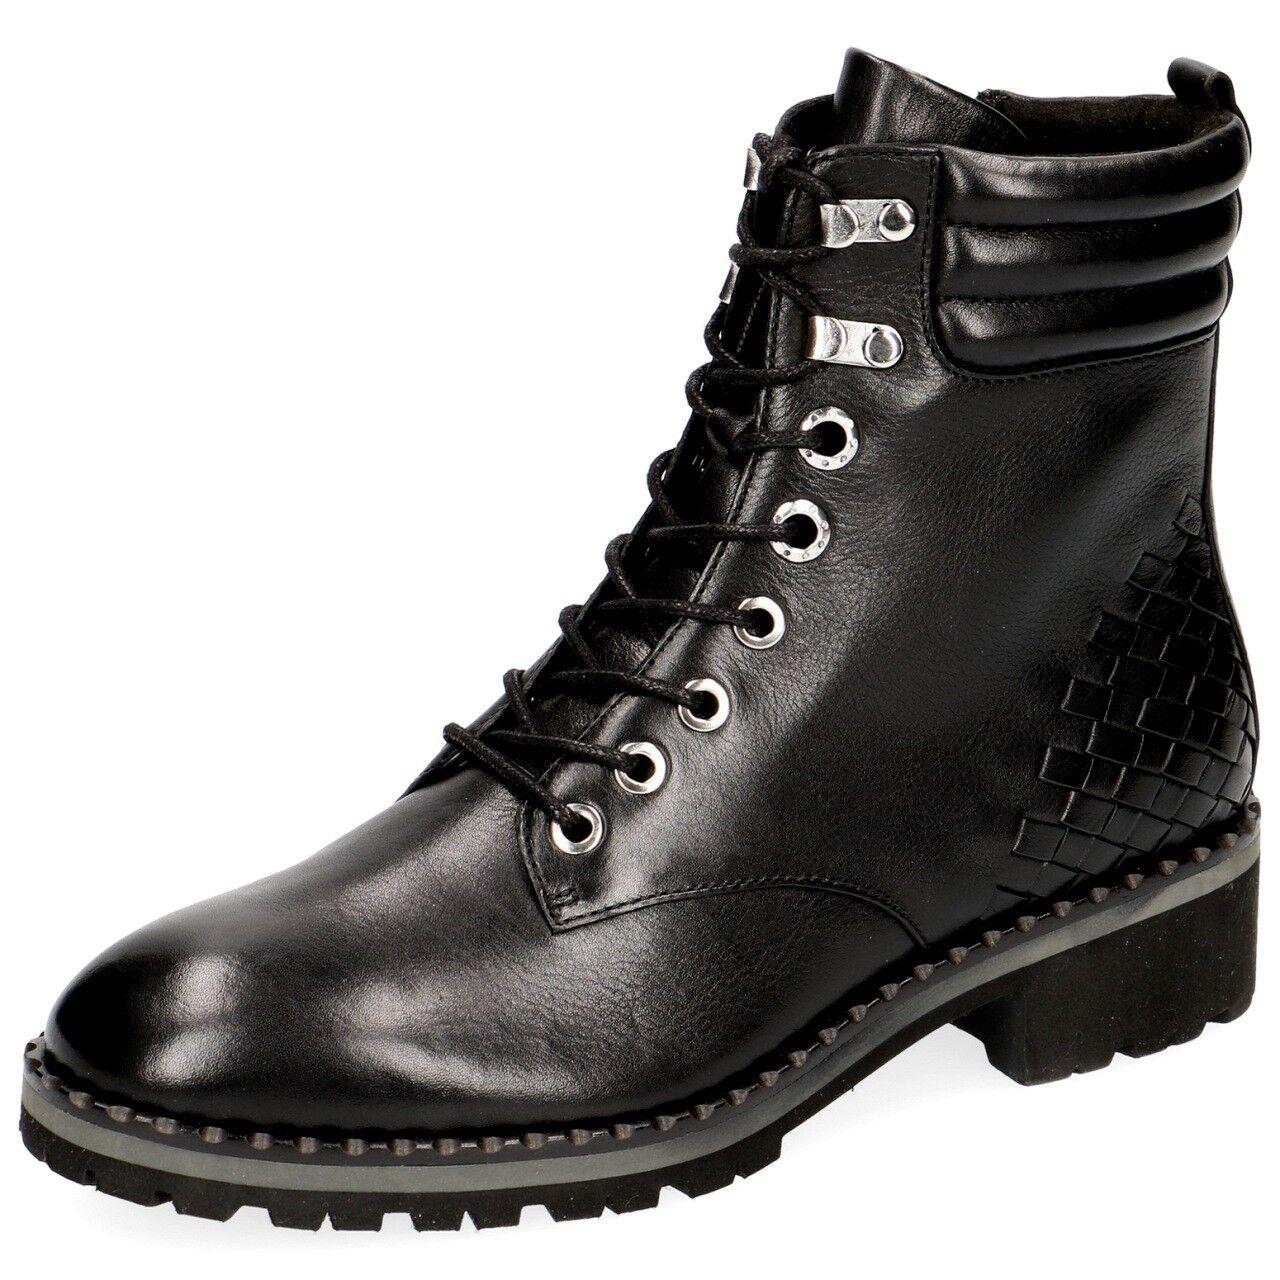 Caprice clásico señora botín 25208 Combat botas conformando cremallera